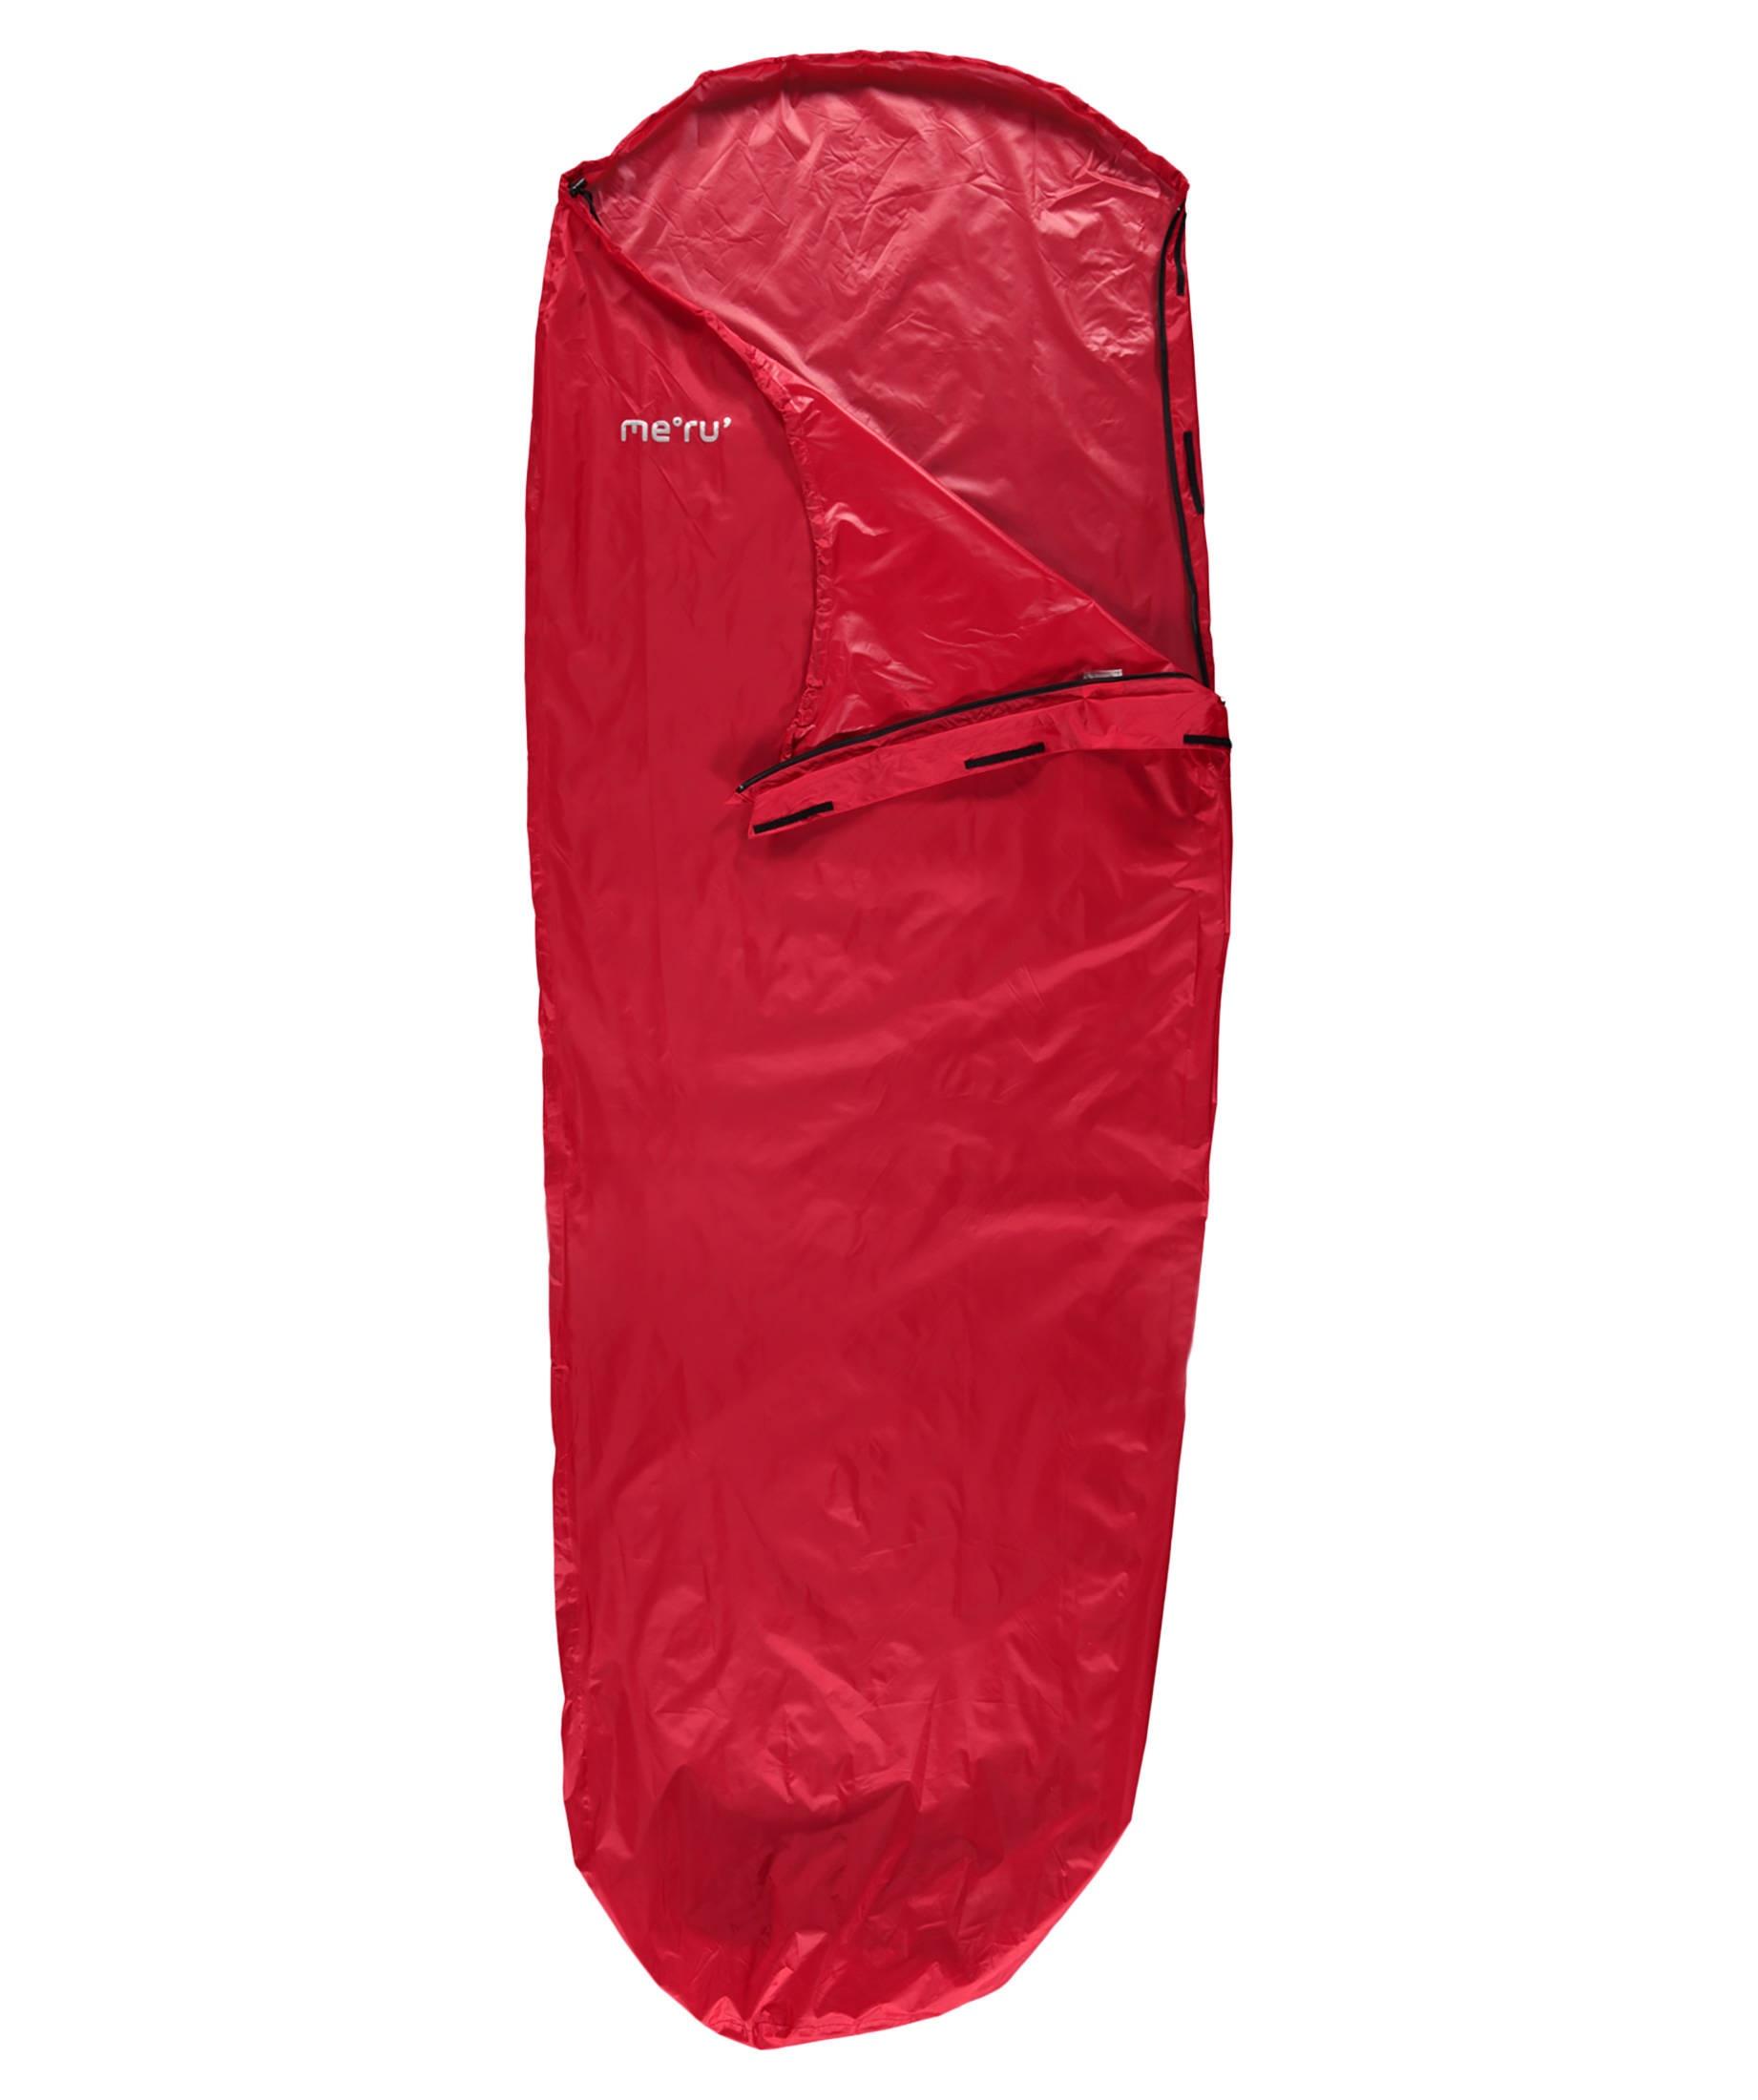 Schlafsack kaufen: Worauf muss ich achten?